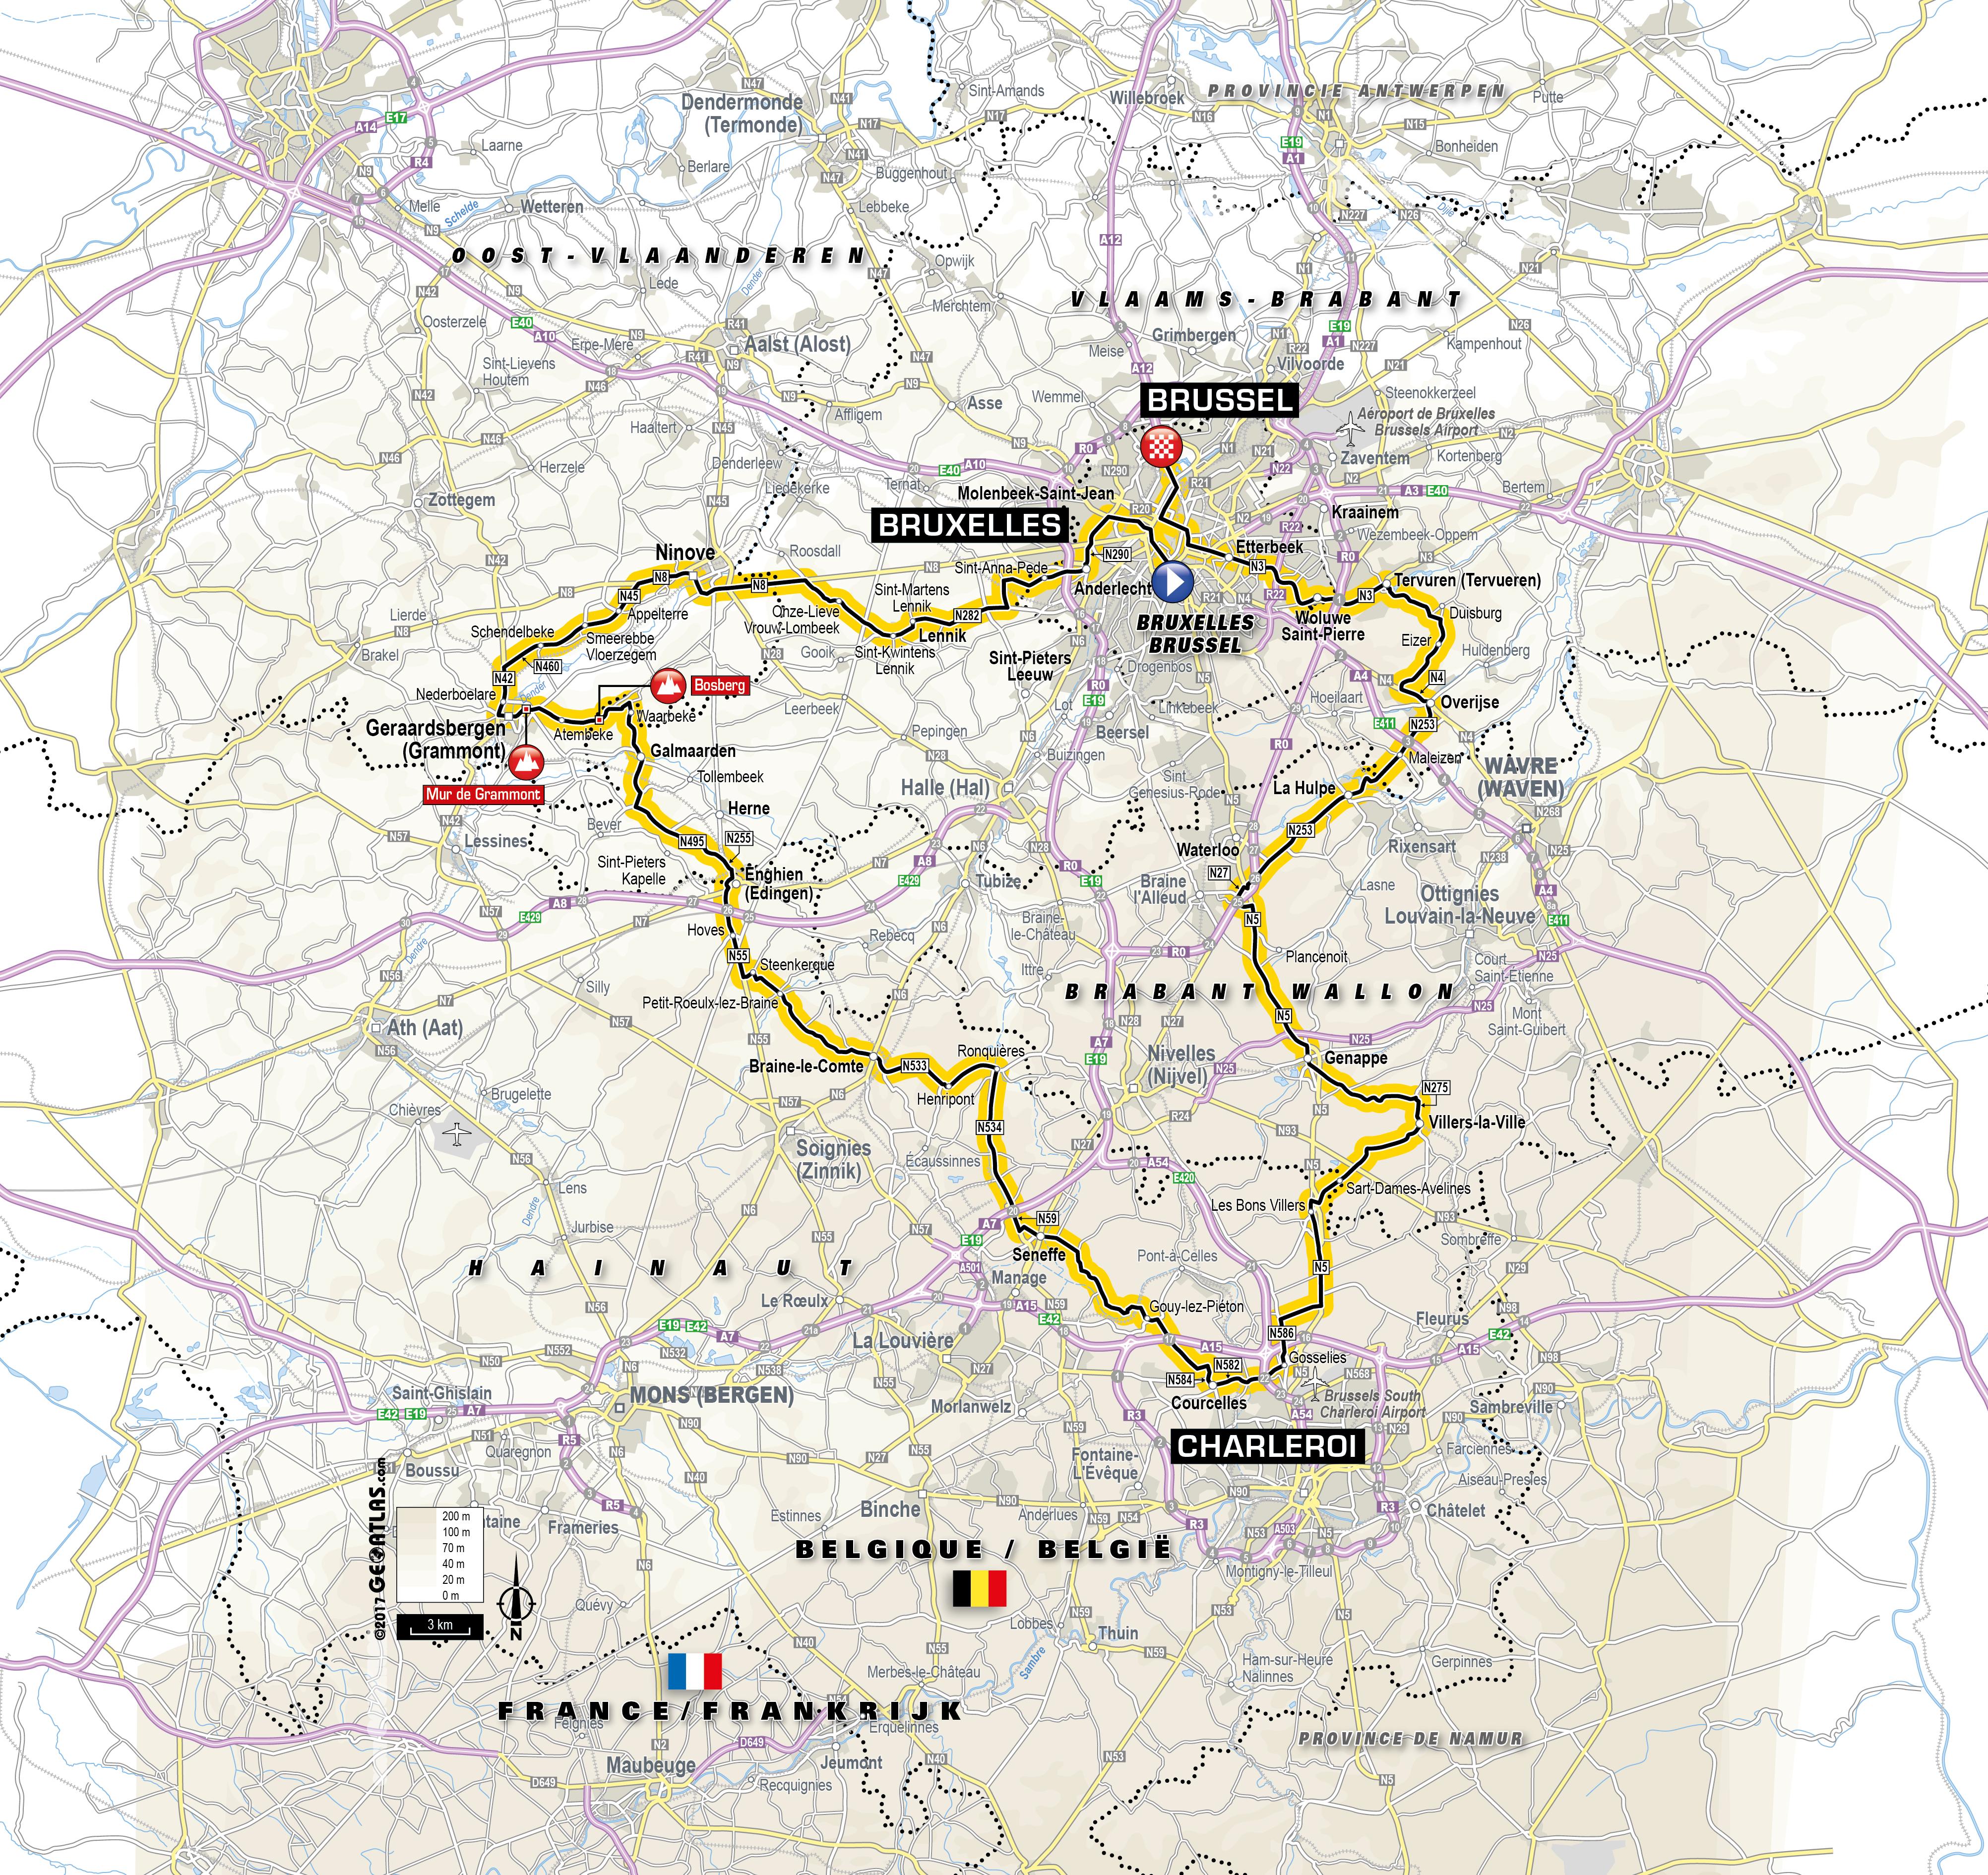 Deux étapes autour de Bruxelles en hors-d'oeuvre